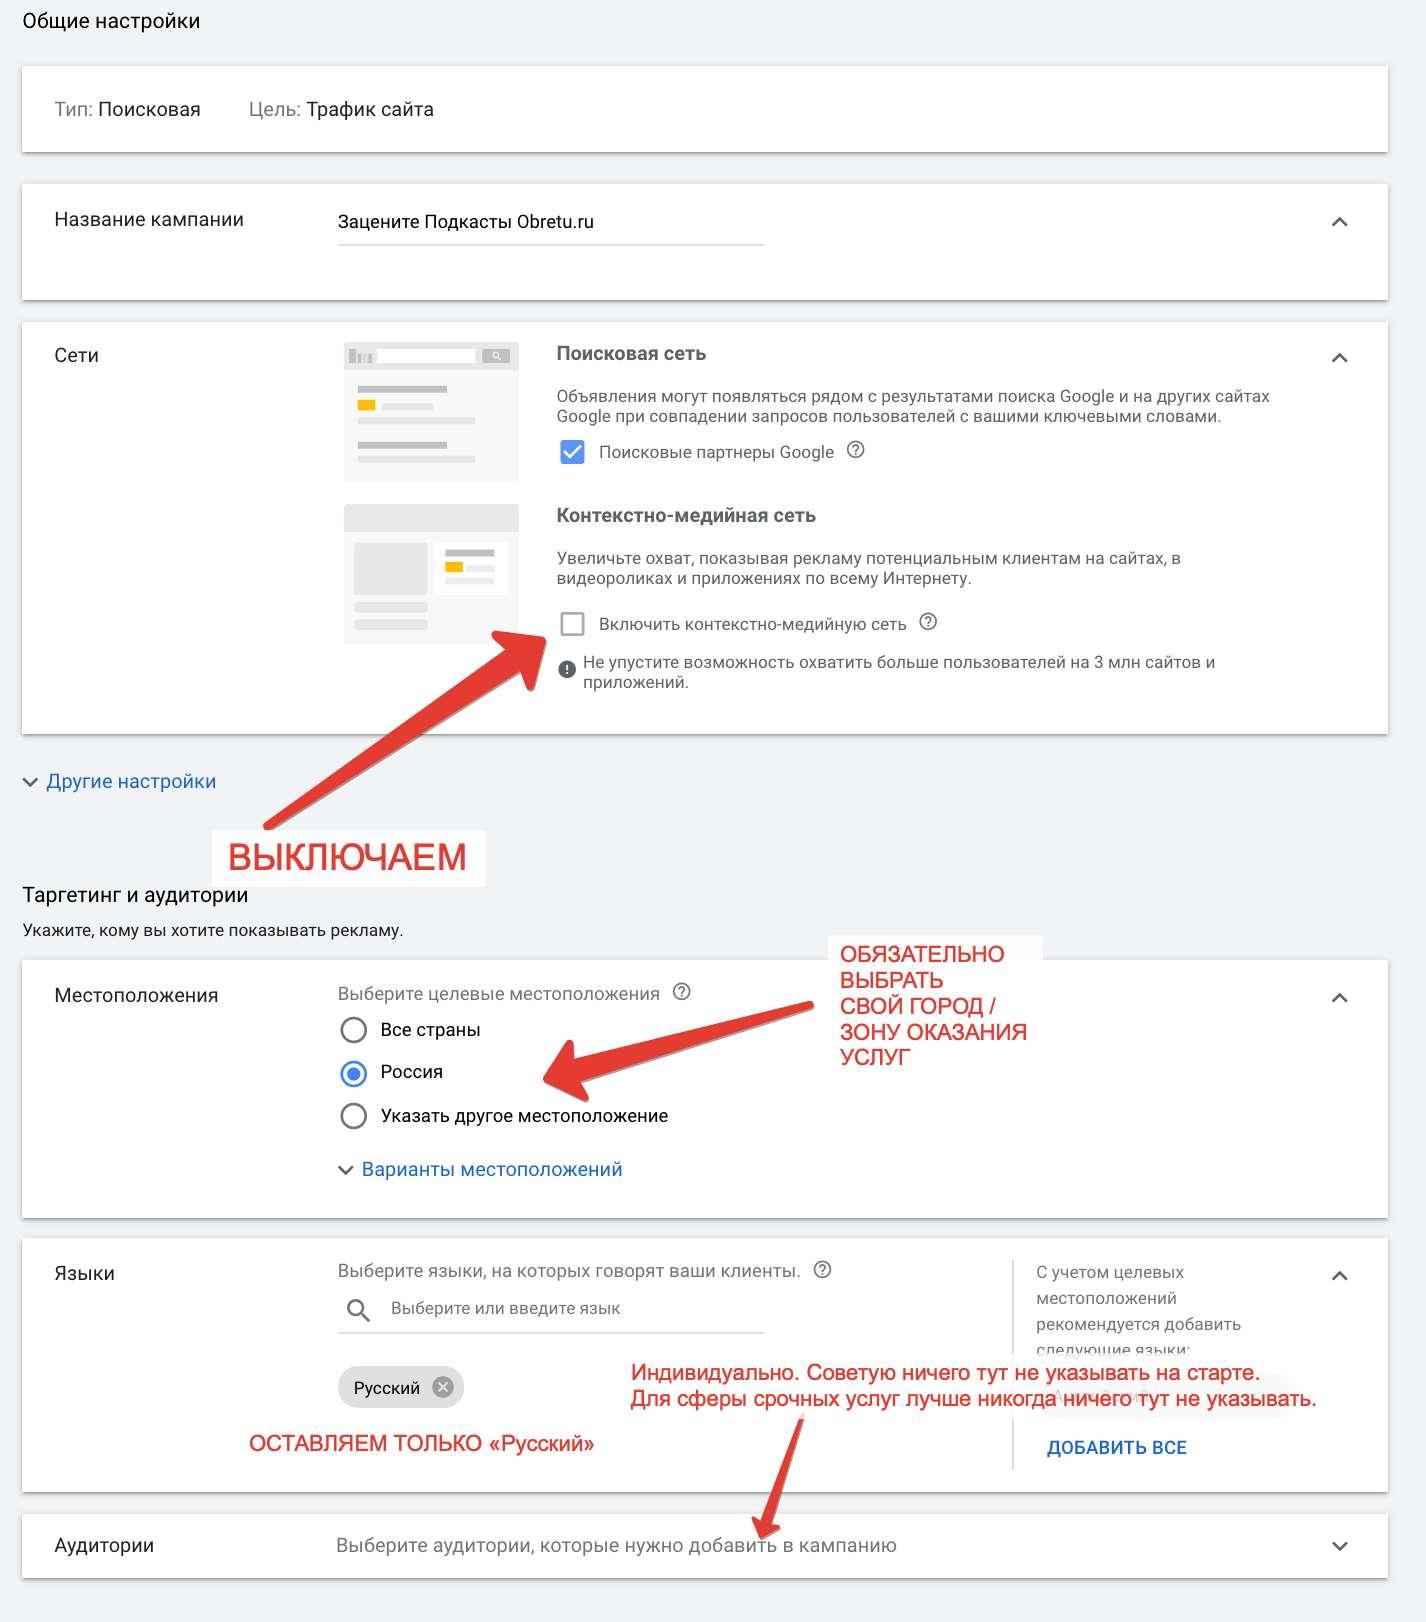 Где  выключить КМС при создании новой рекламной компании в Google Ads